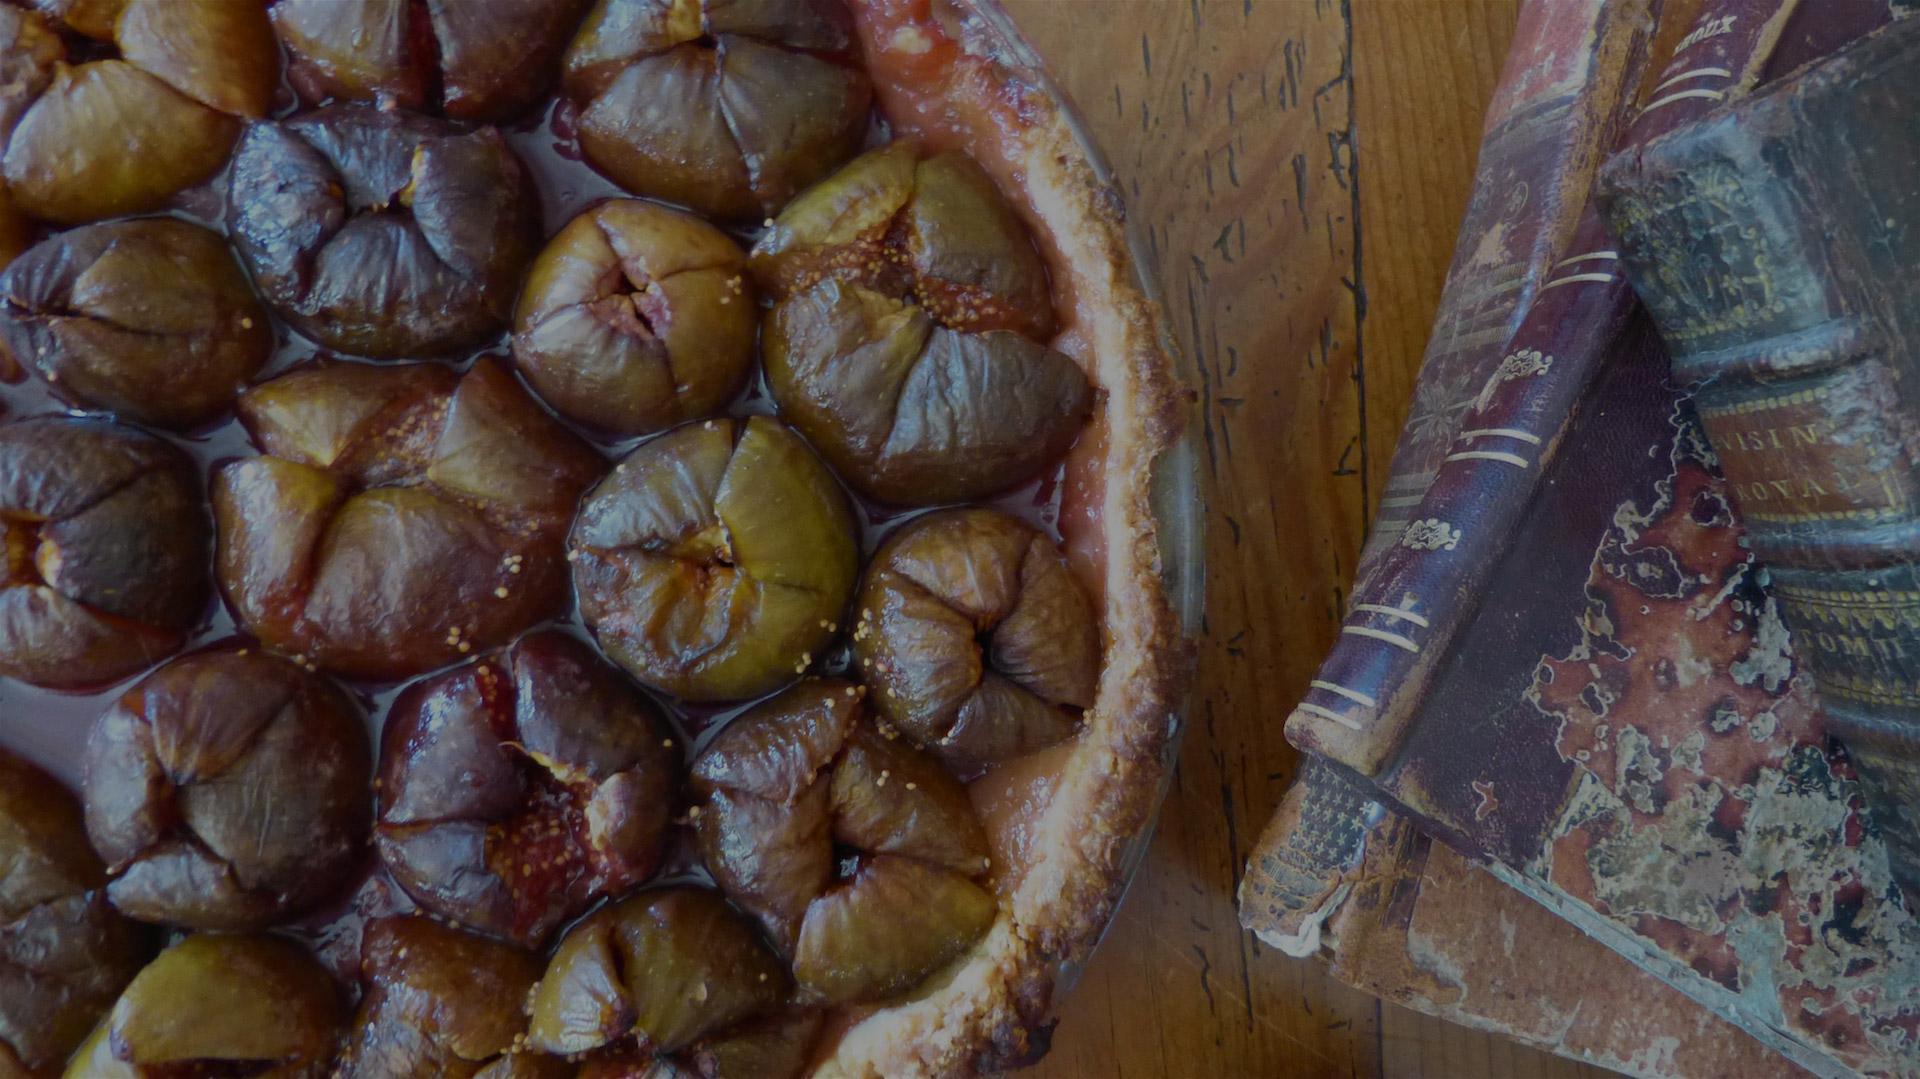 Tarte-figues-vieux-livres-les-causeries-culinaires-recettes-ancetres-boutique-cours-cuisine-histoire